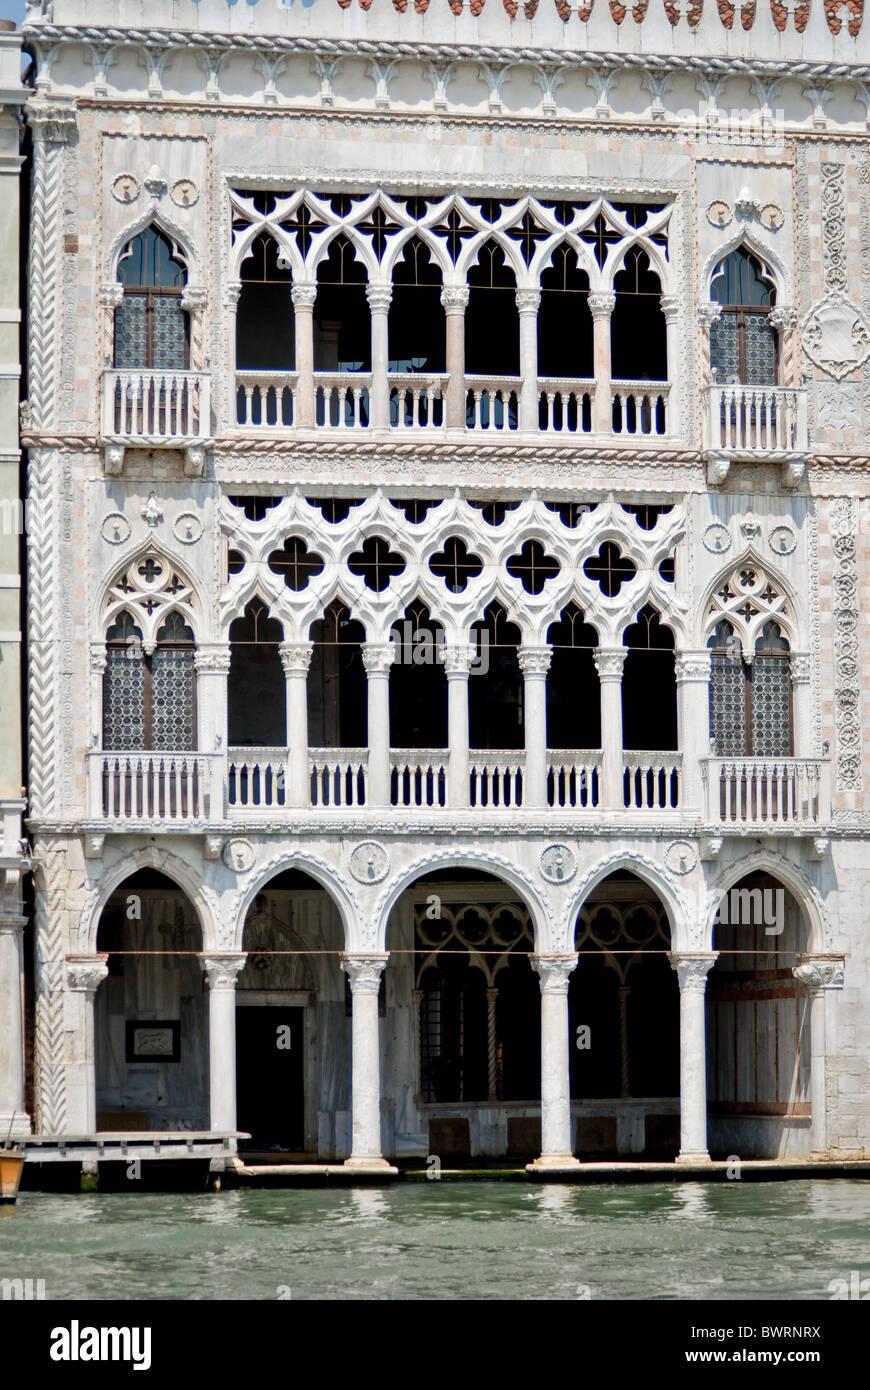 Facade of Venetian Merchant's house Venice - Stock Image